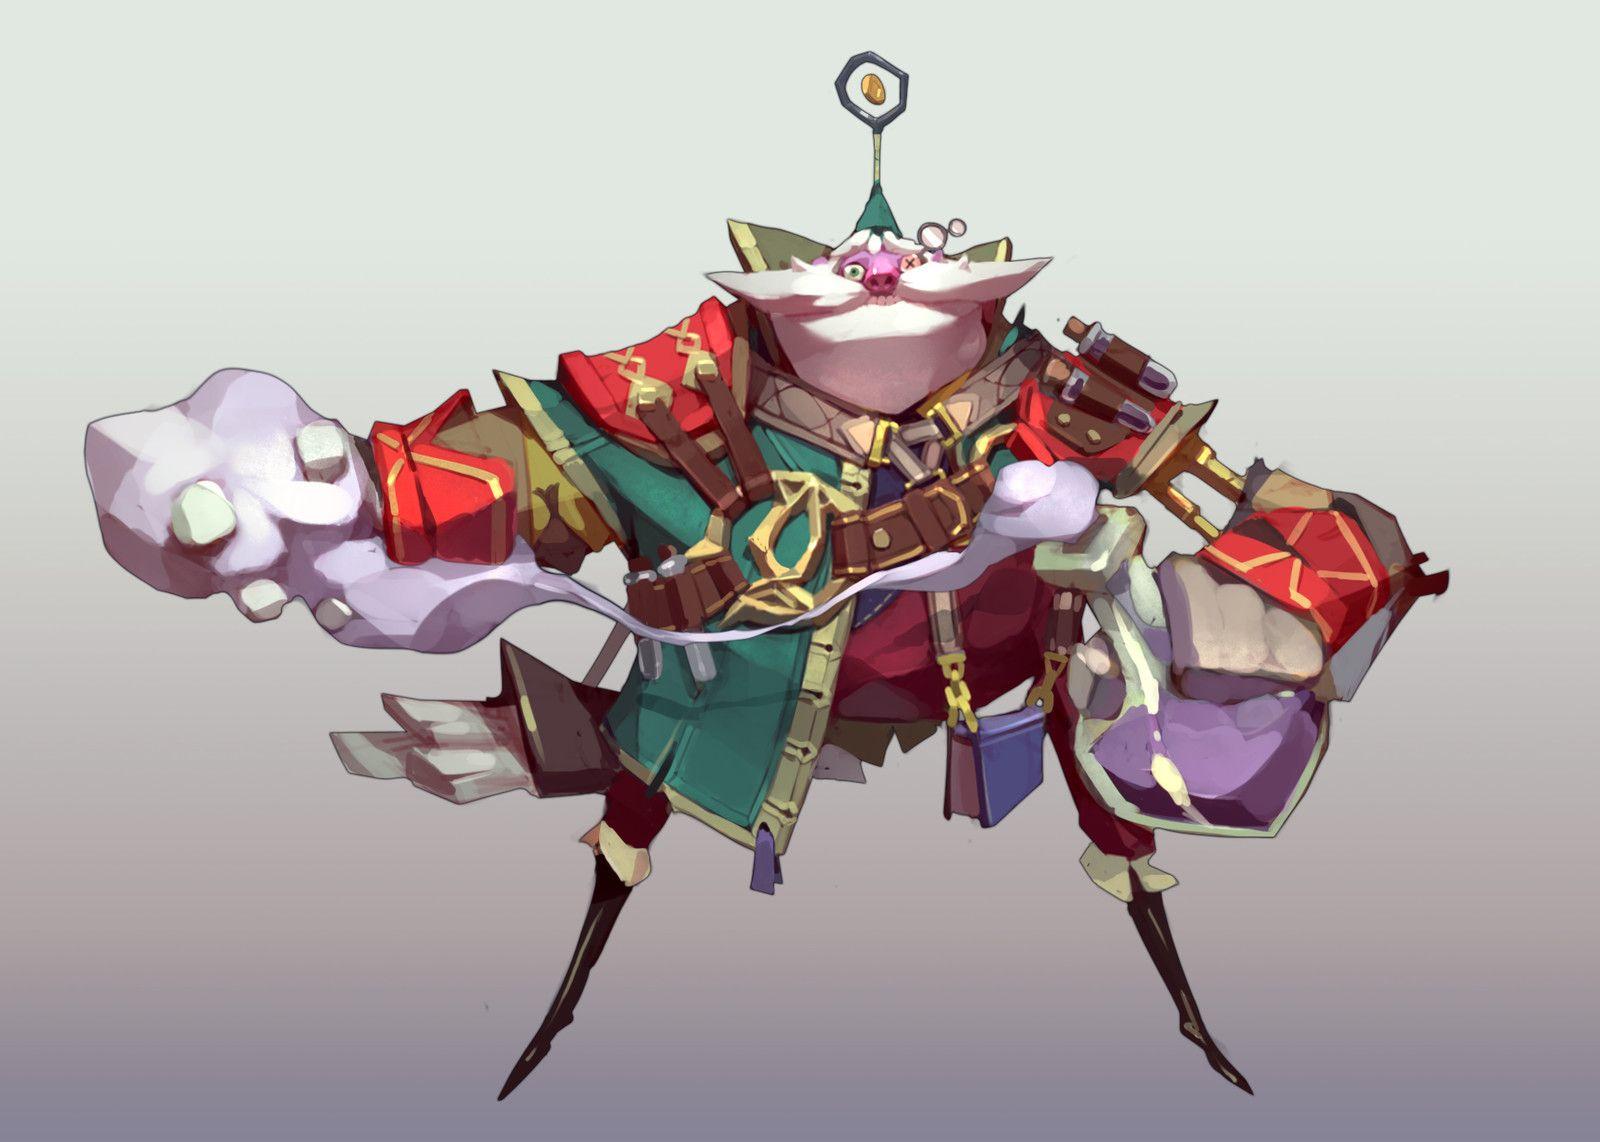 Alchemist, Tan Zhi Hui on ArtStation at https://www.artstation.com/artwork/gx0Bm?utm_campaign=digest&utm_medium=email&utm_source=email_digest_mailer